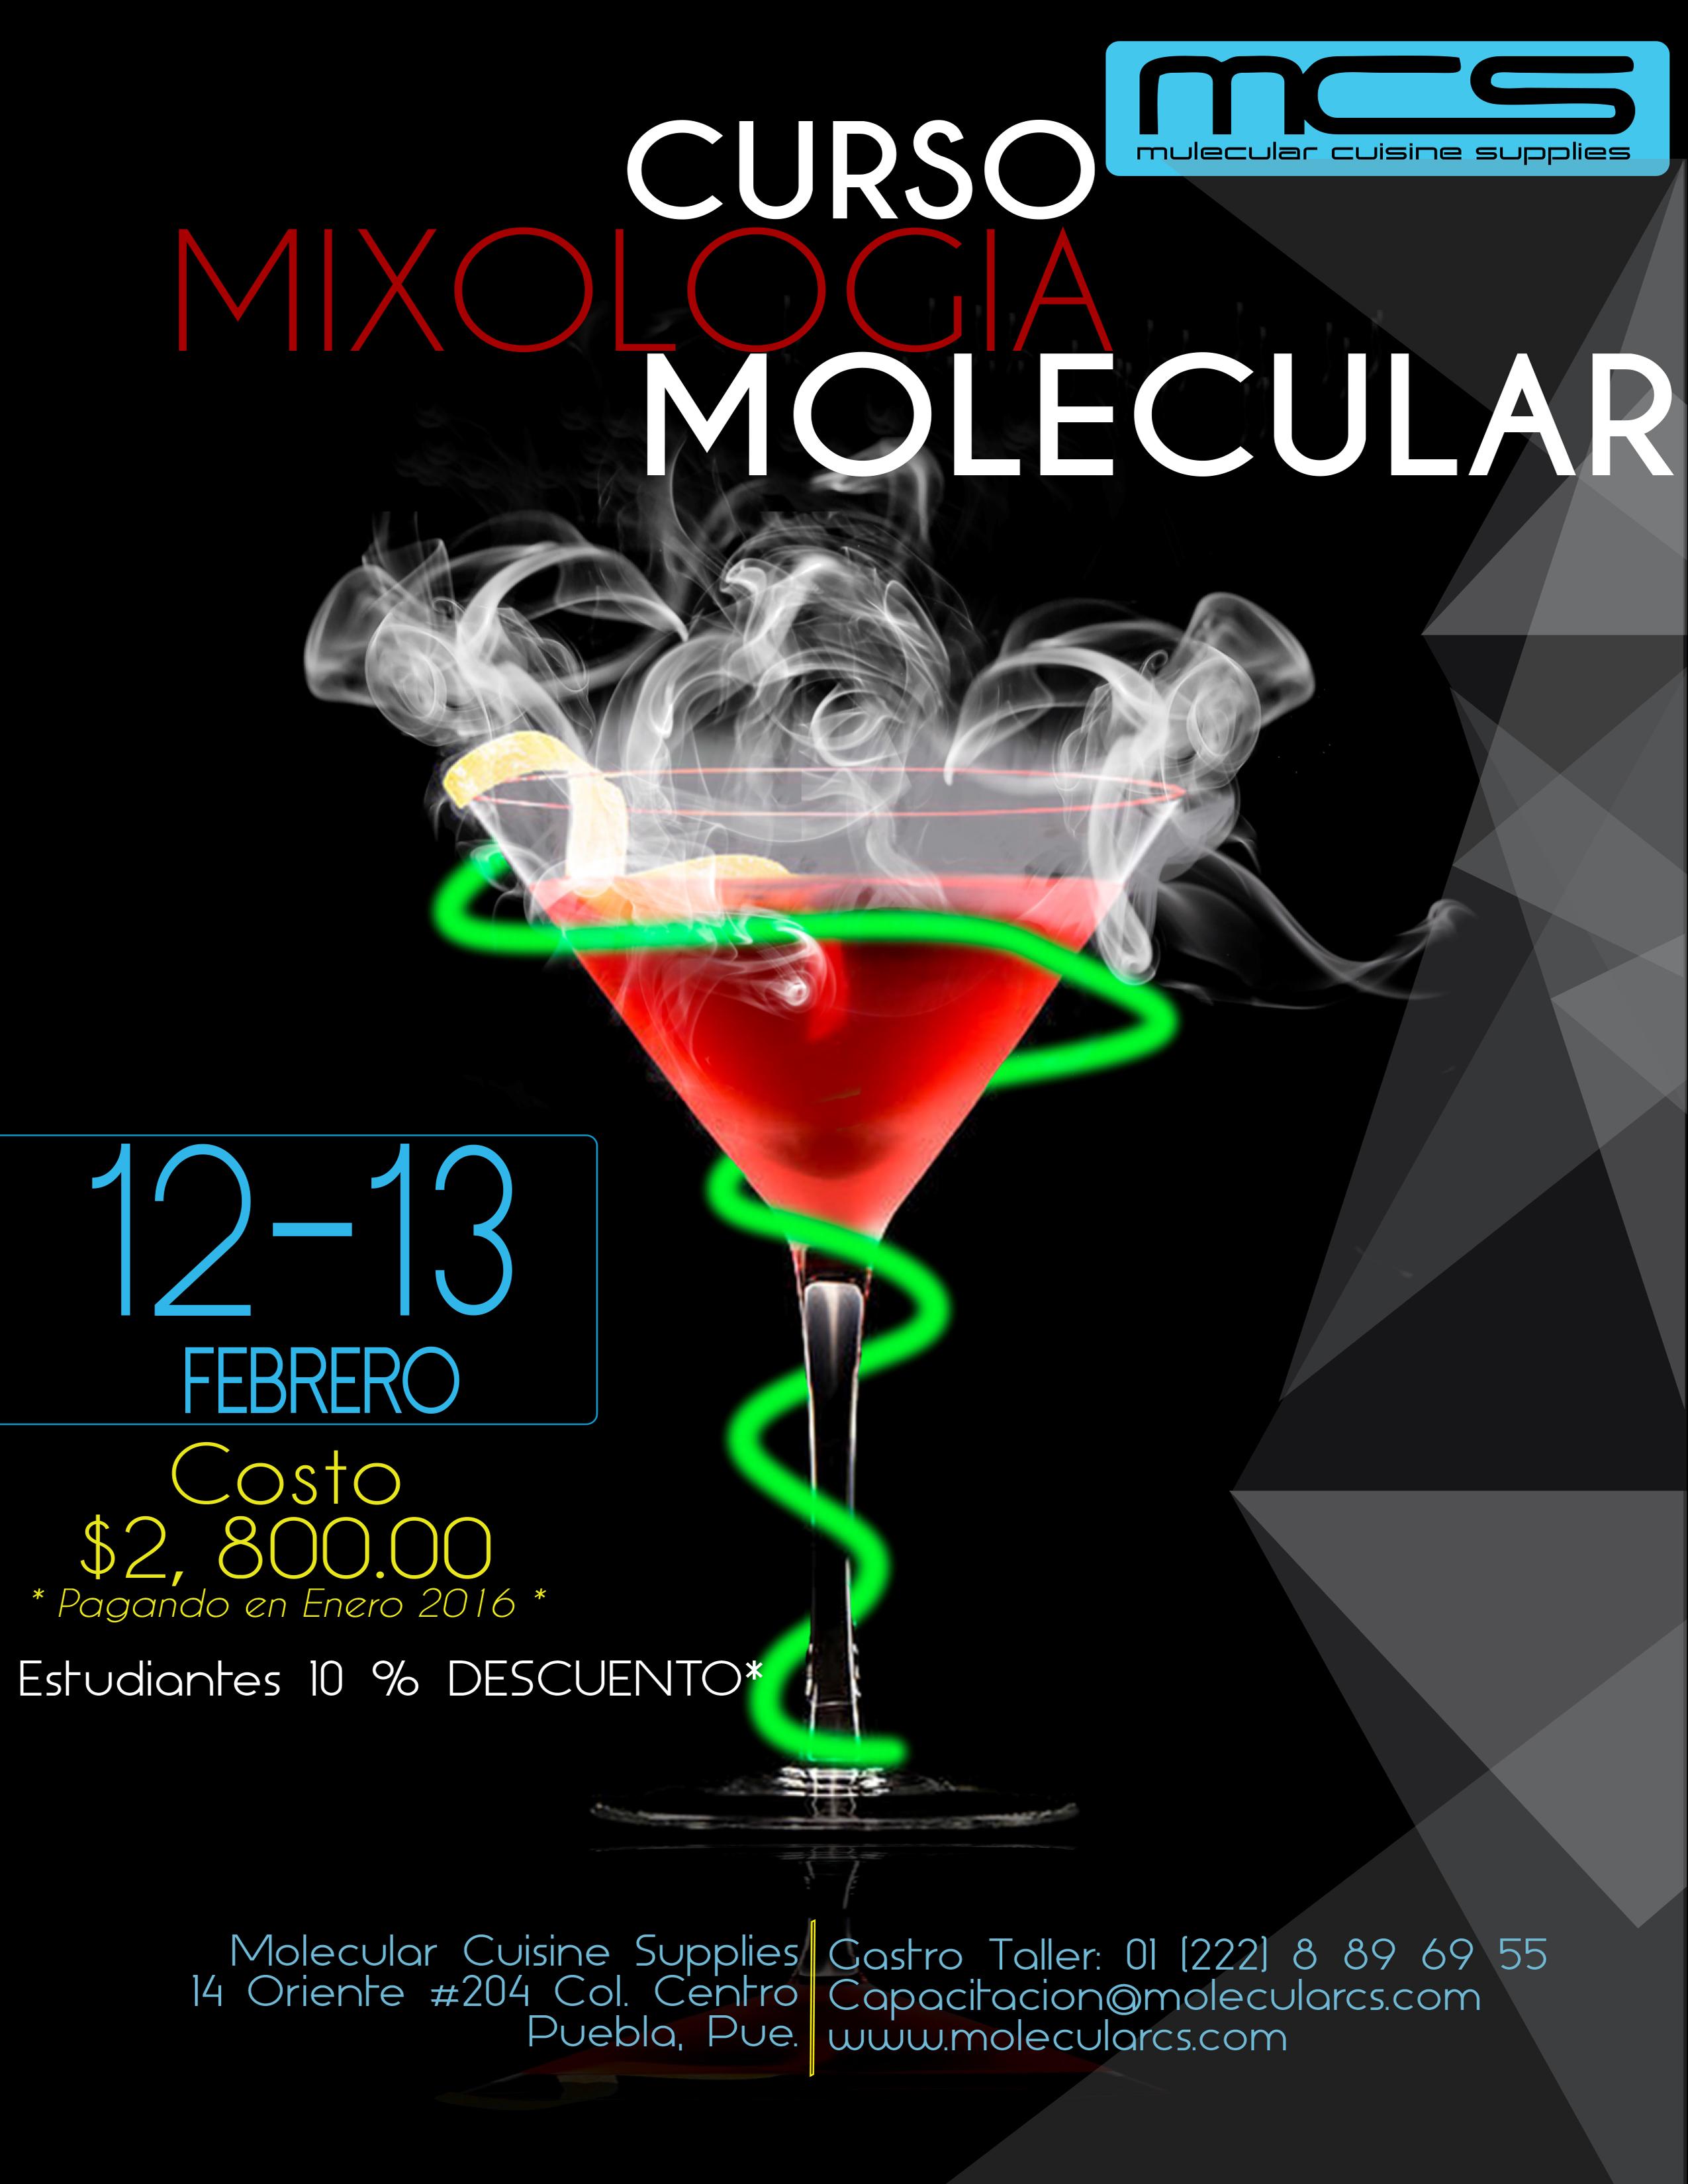 Curso mixologia molecular blog cocina molecular for Libros de cocina molecular